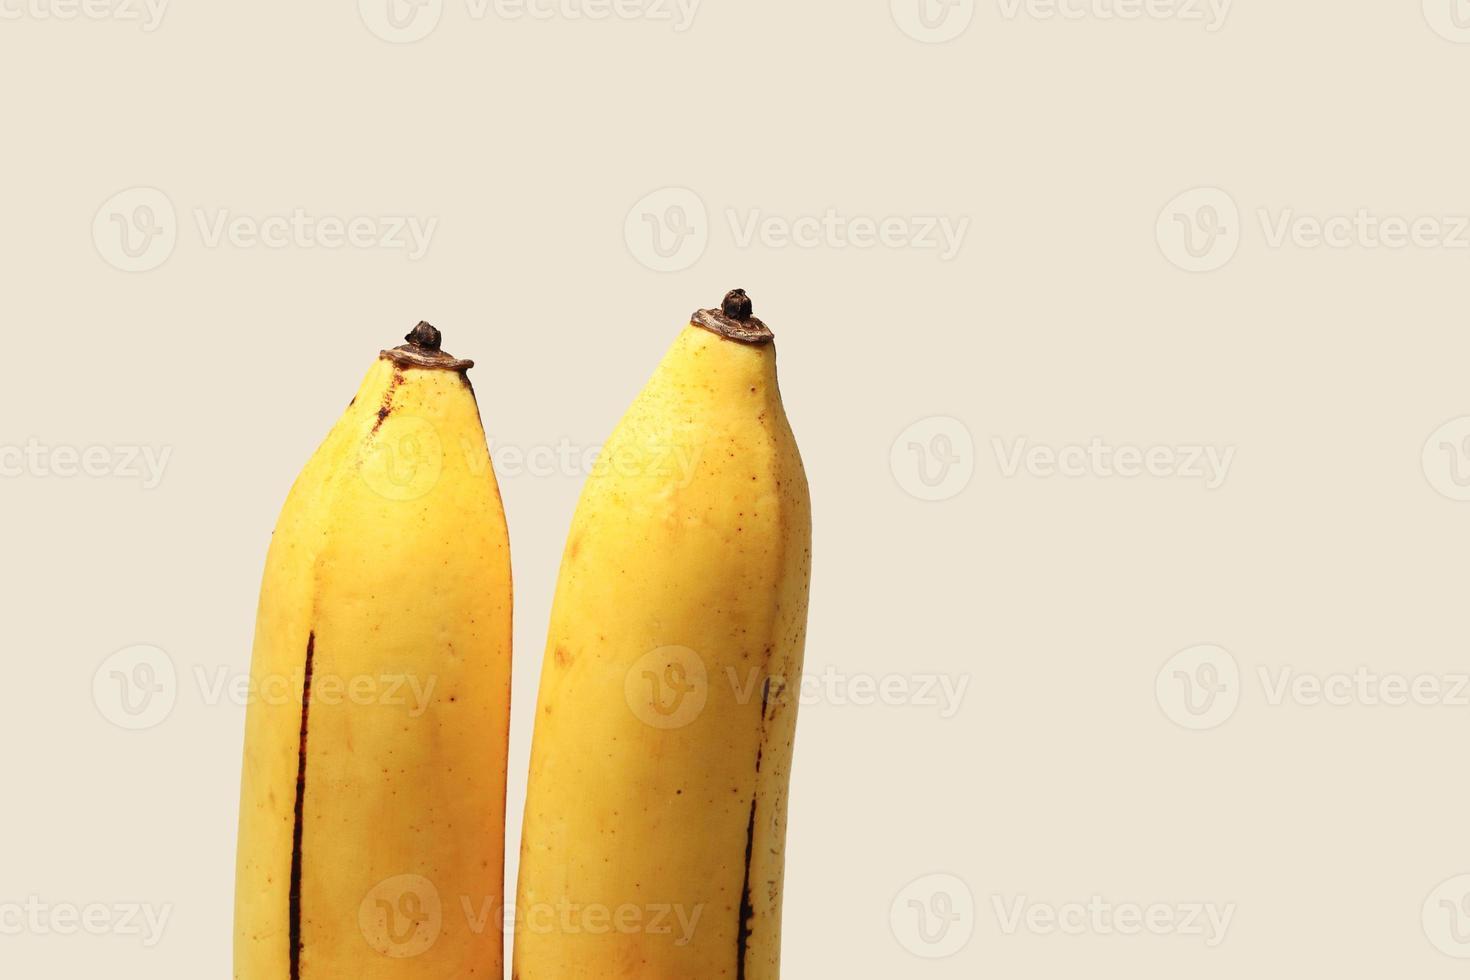 två bananer isolerad på grädde bakgrund foto